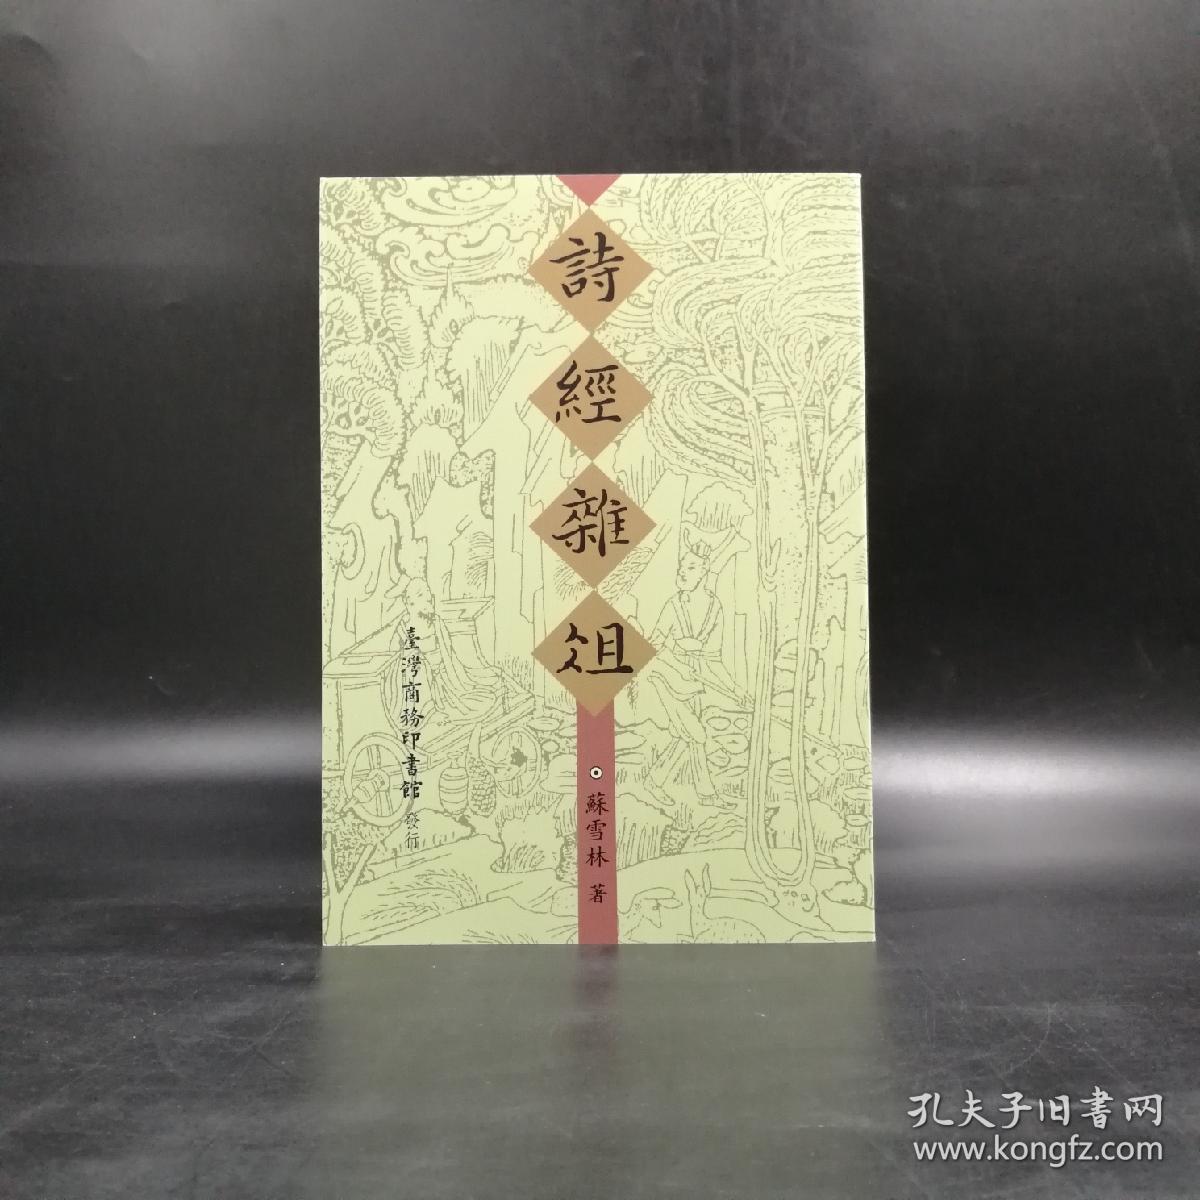 台湾商务版  苏雪林《詩經雜俎》(锁线胶钉) ;绝版